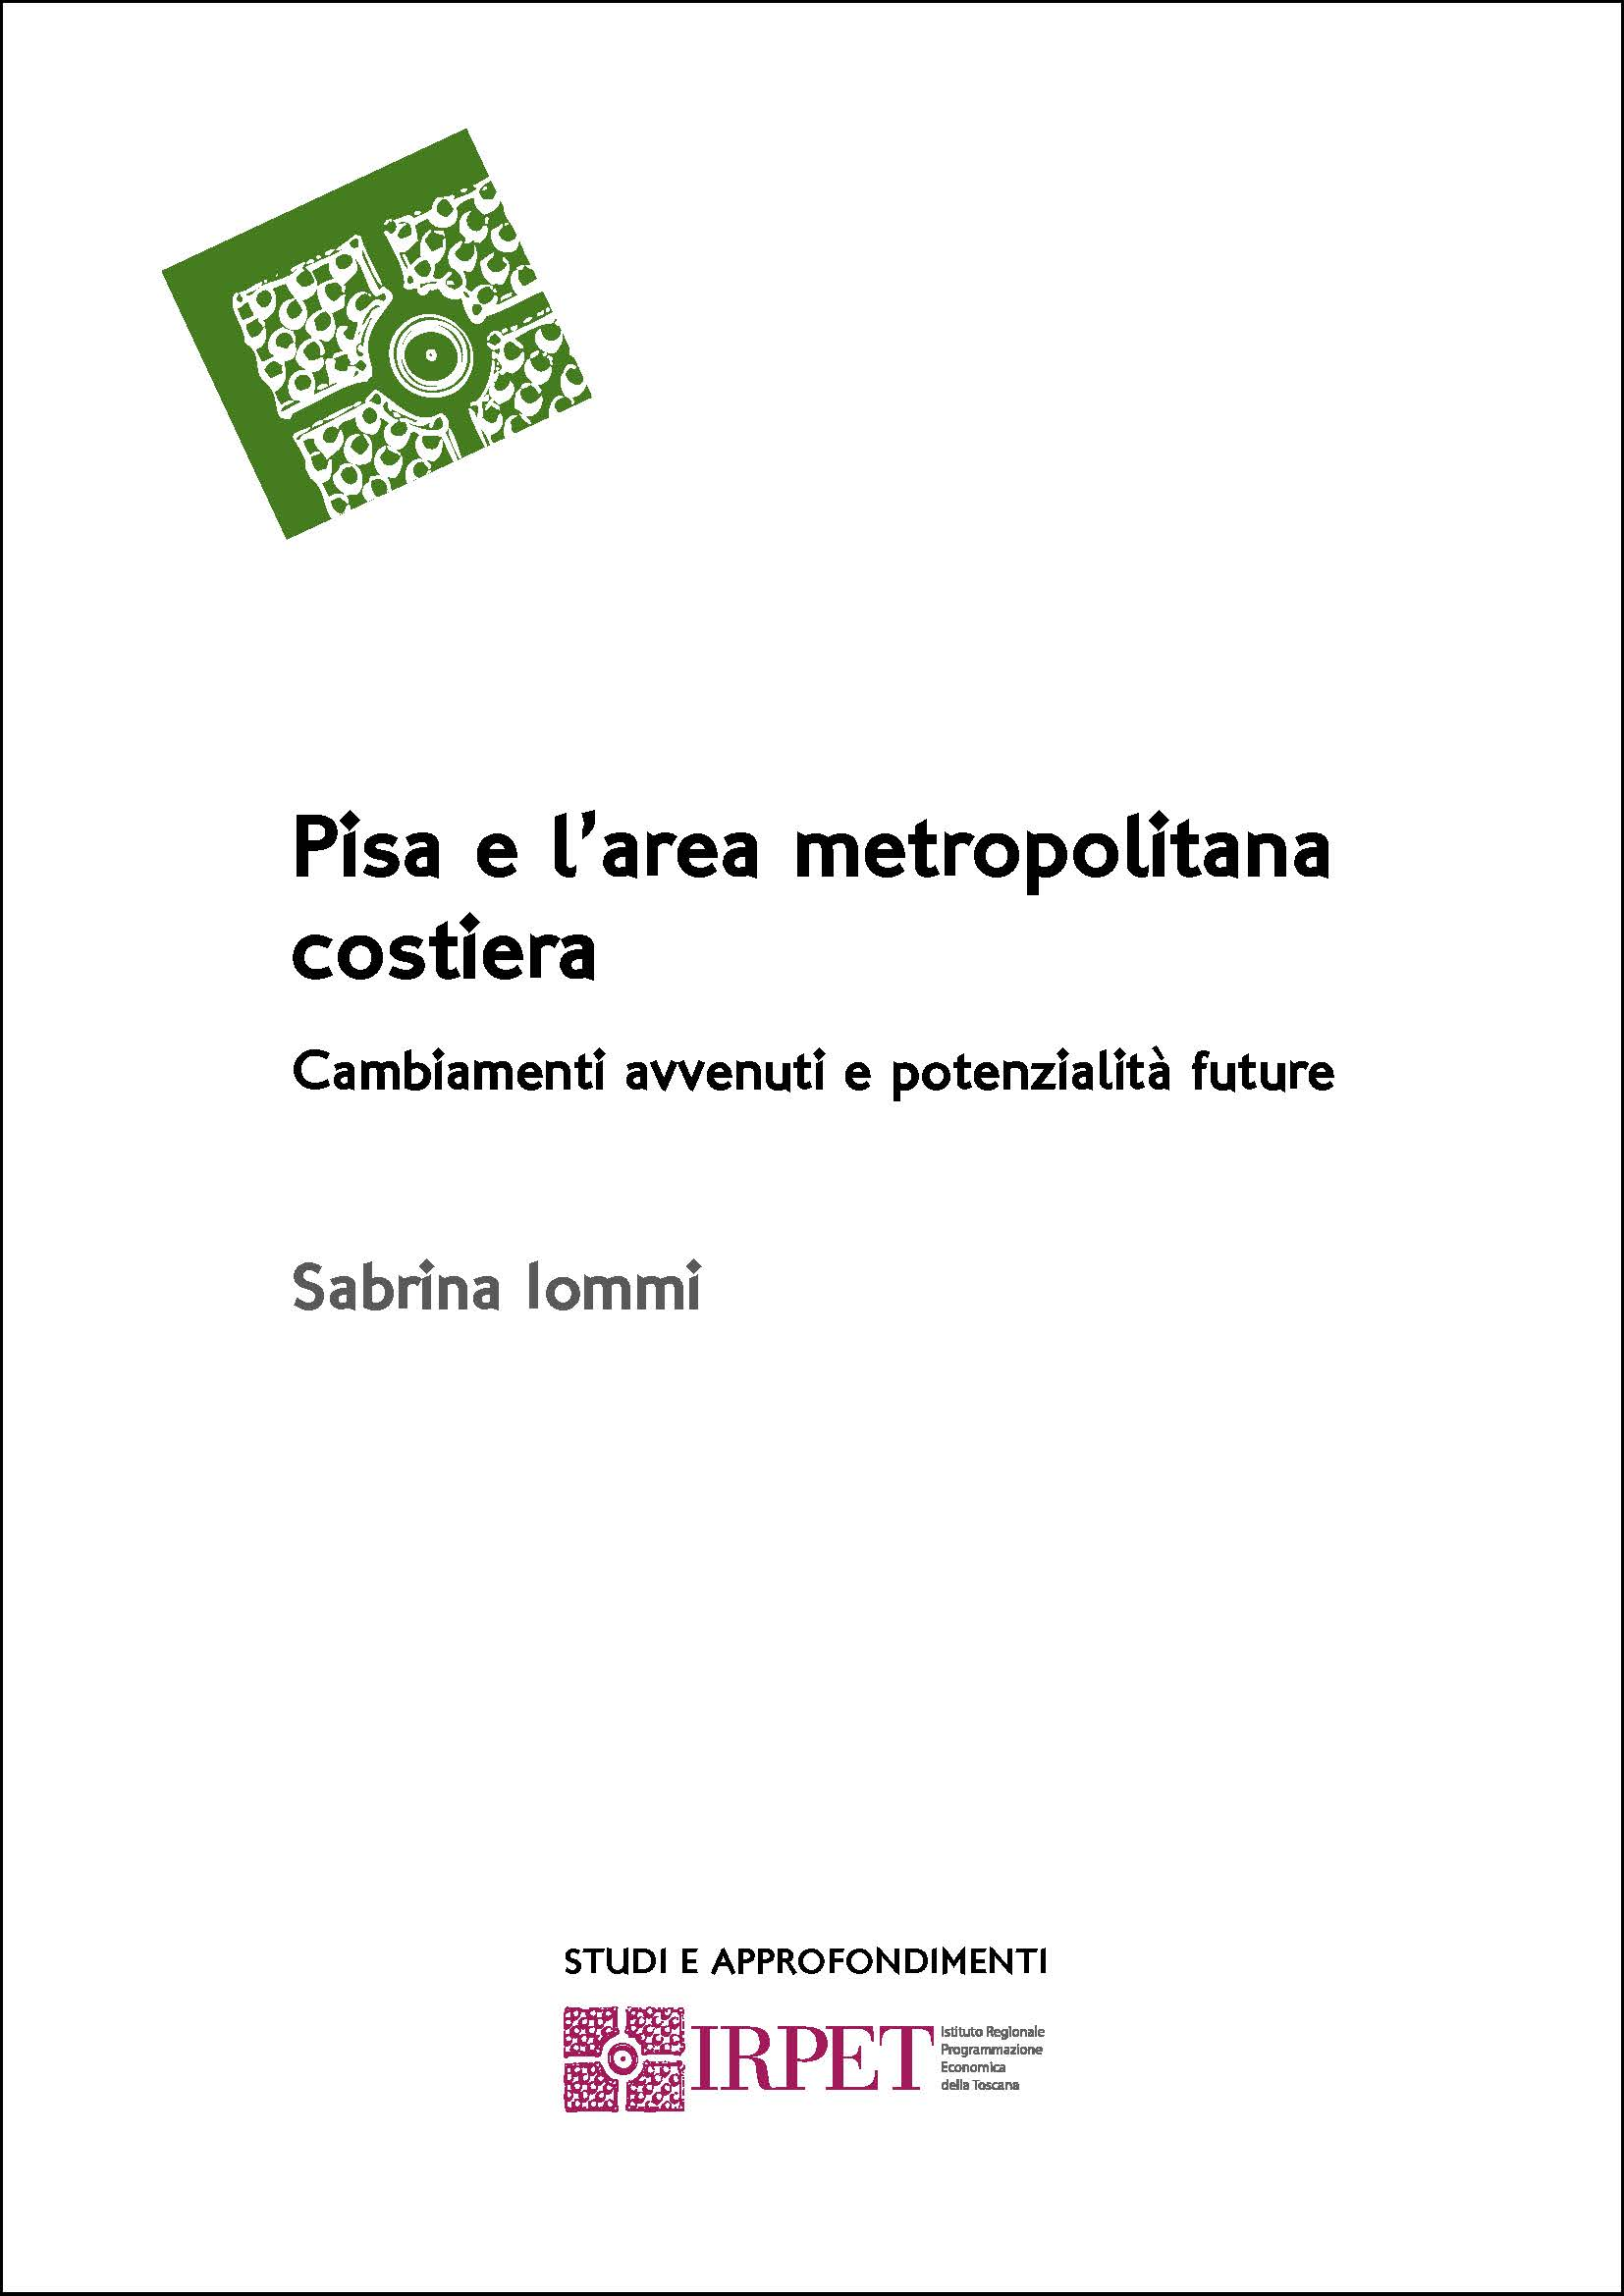 Pisa e l'area metropolitana costiera Cambiamenti avvenuti e potenzialità future Sabrina Iommi